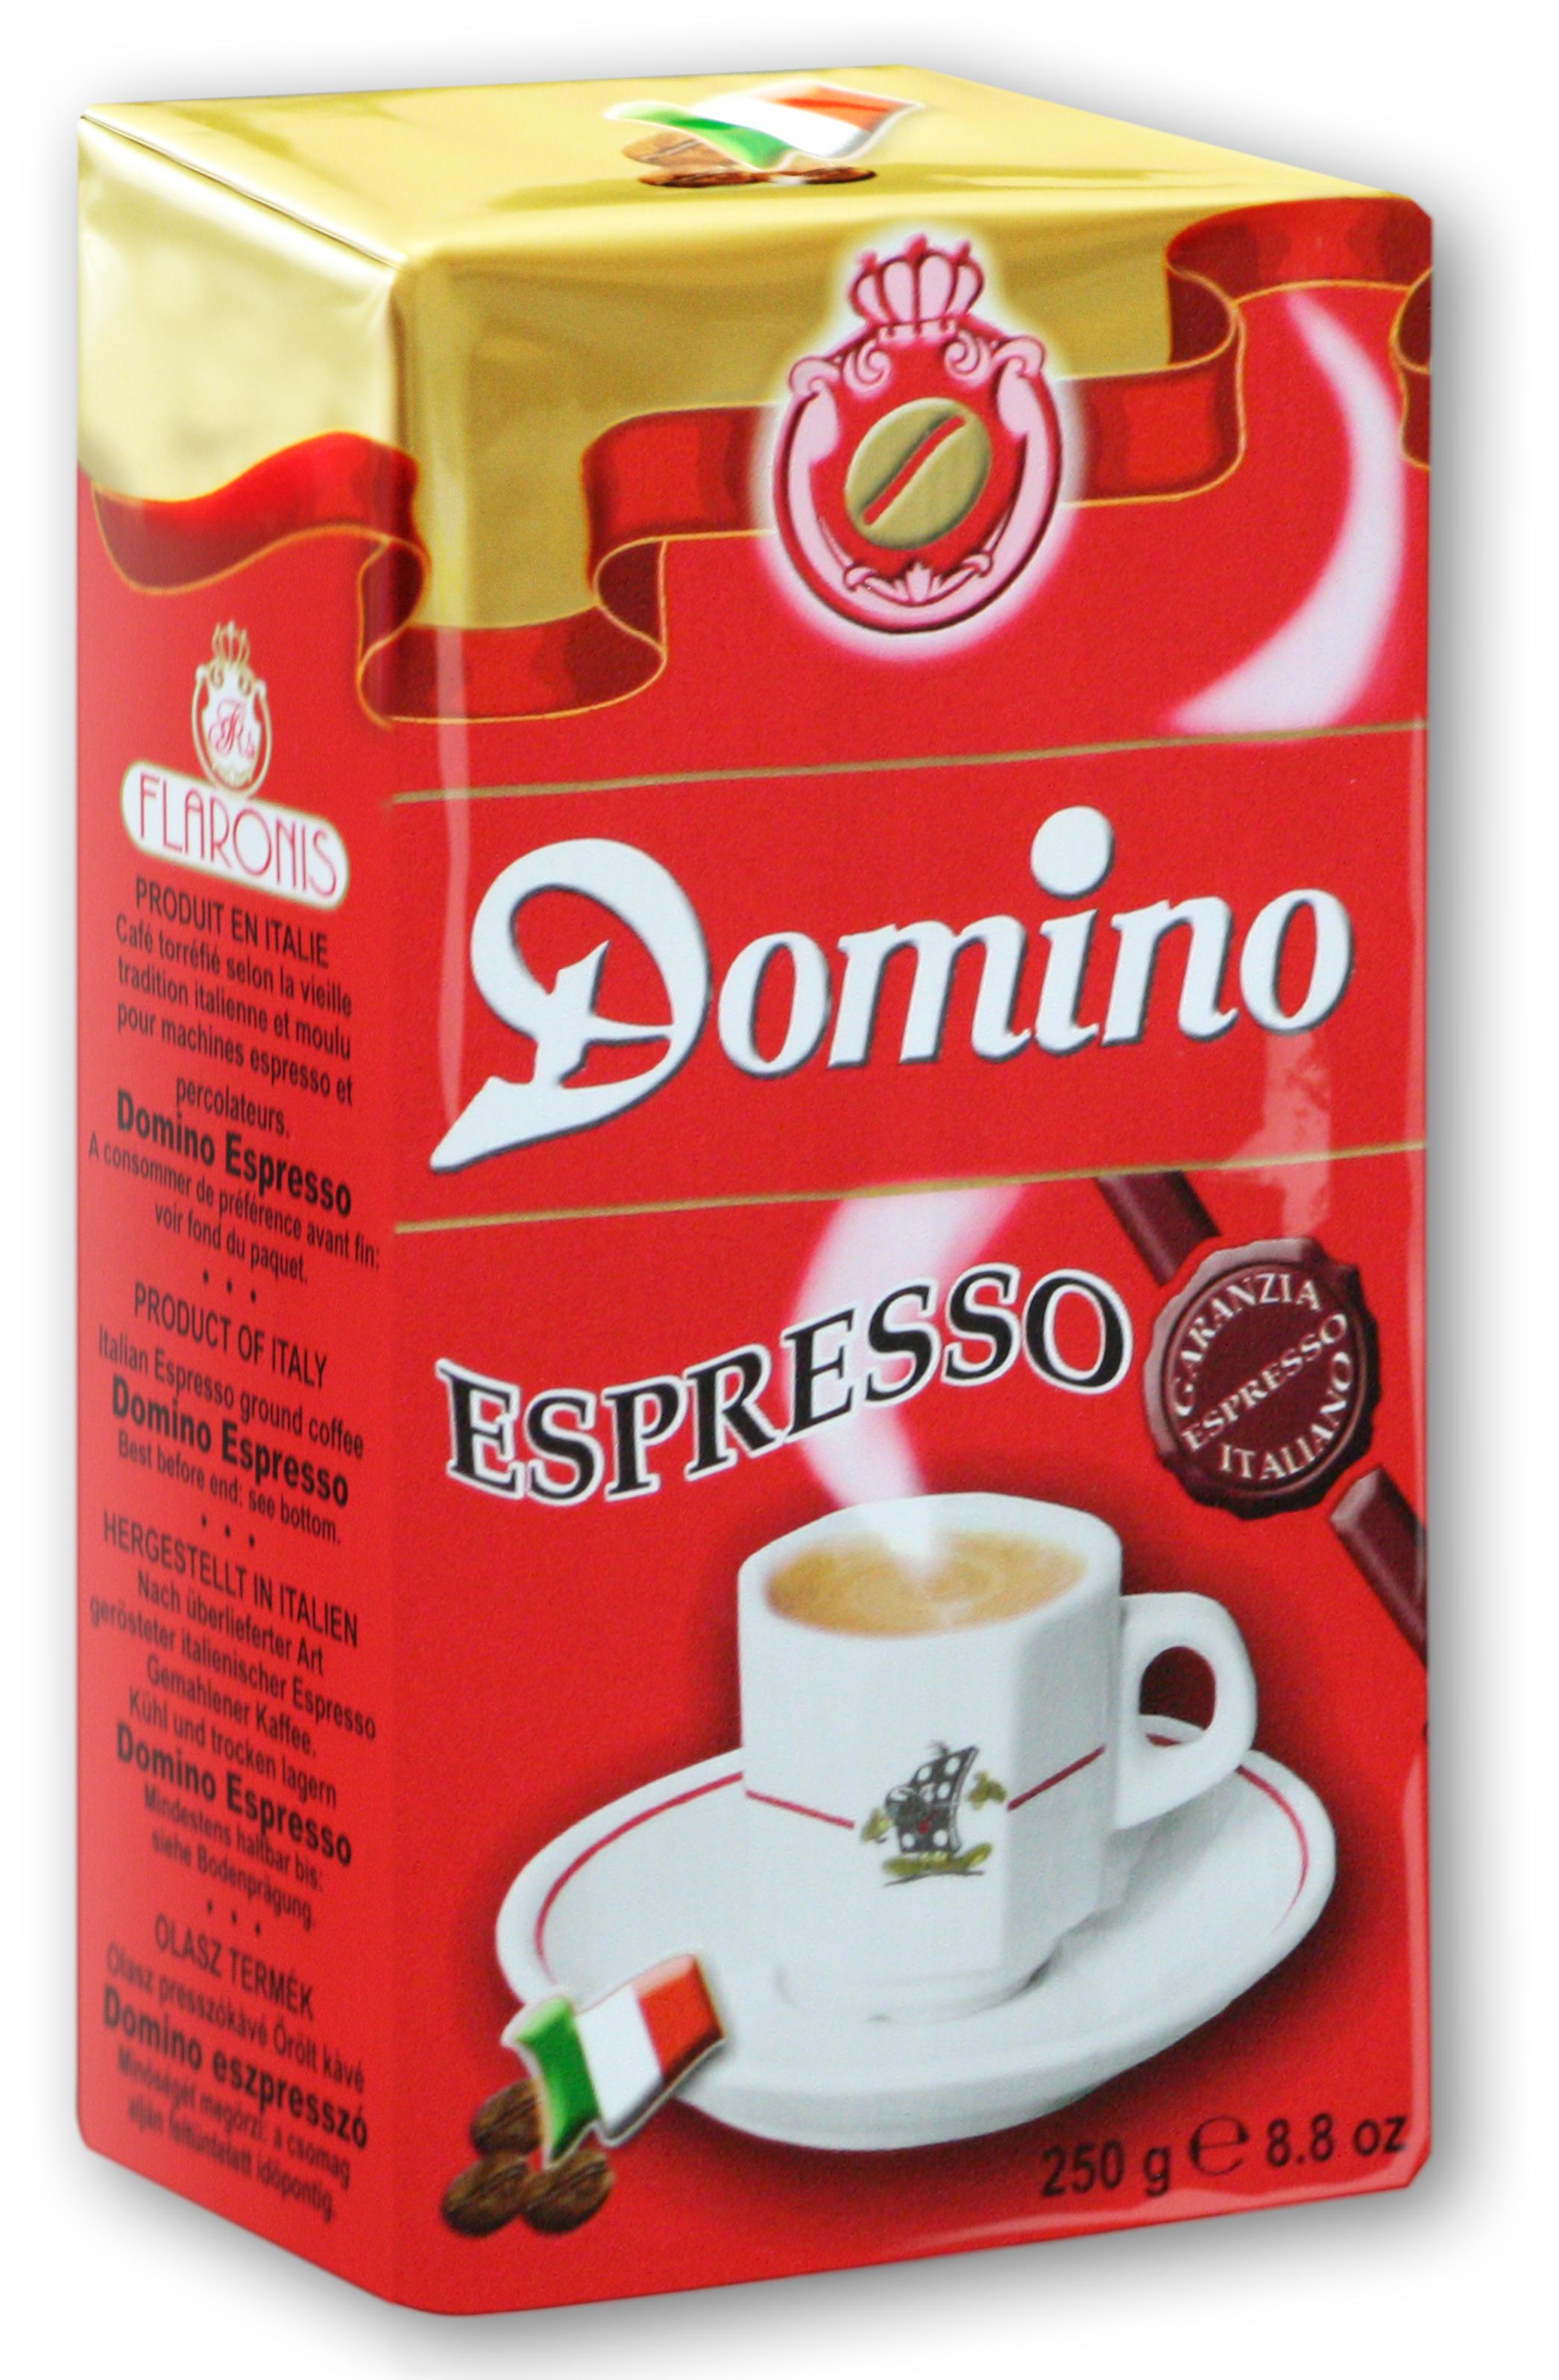 551 - Domino Espresso 250g.jpg